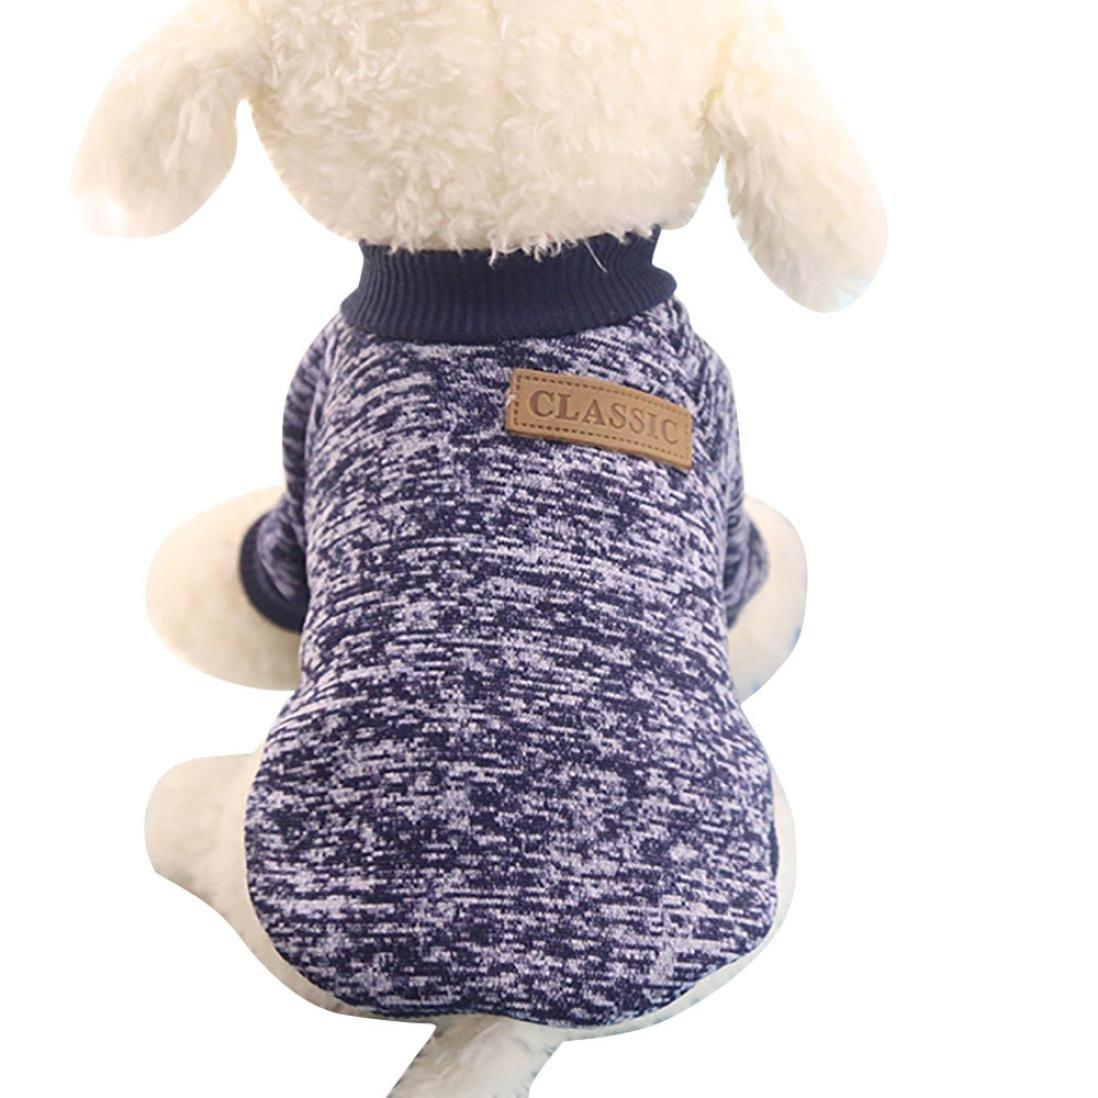 ღ Ninasill ღ Pet Dog Puppy Classic Sweater Fleece Sweater Clothes Warm Sweater Winter (M, Navy)